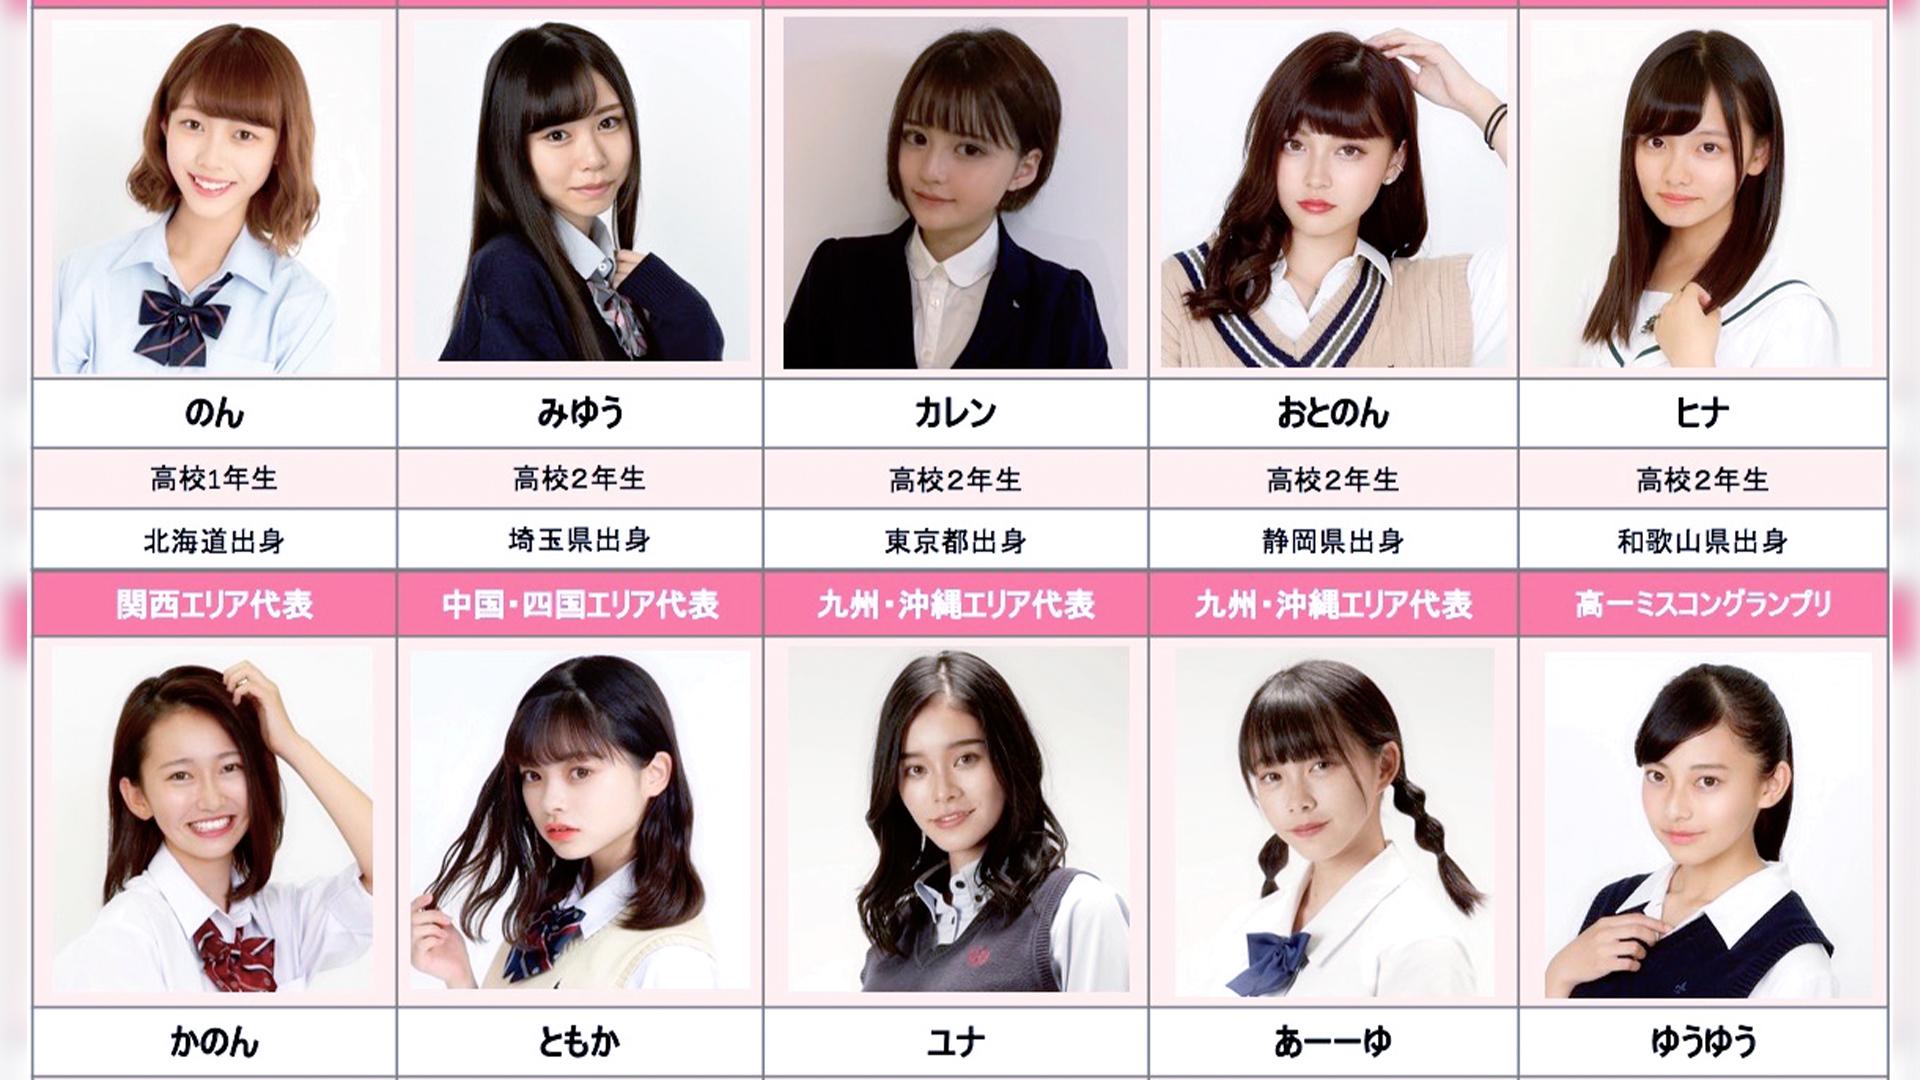 【「女子高生ミスコン2019」ファイナリスト10名が決定!】他、新着トレンド10月8日